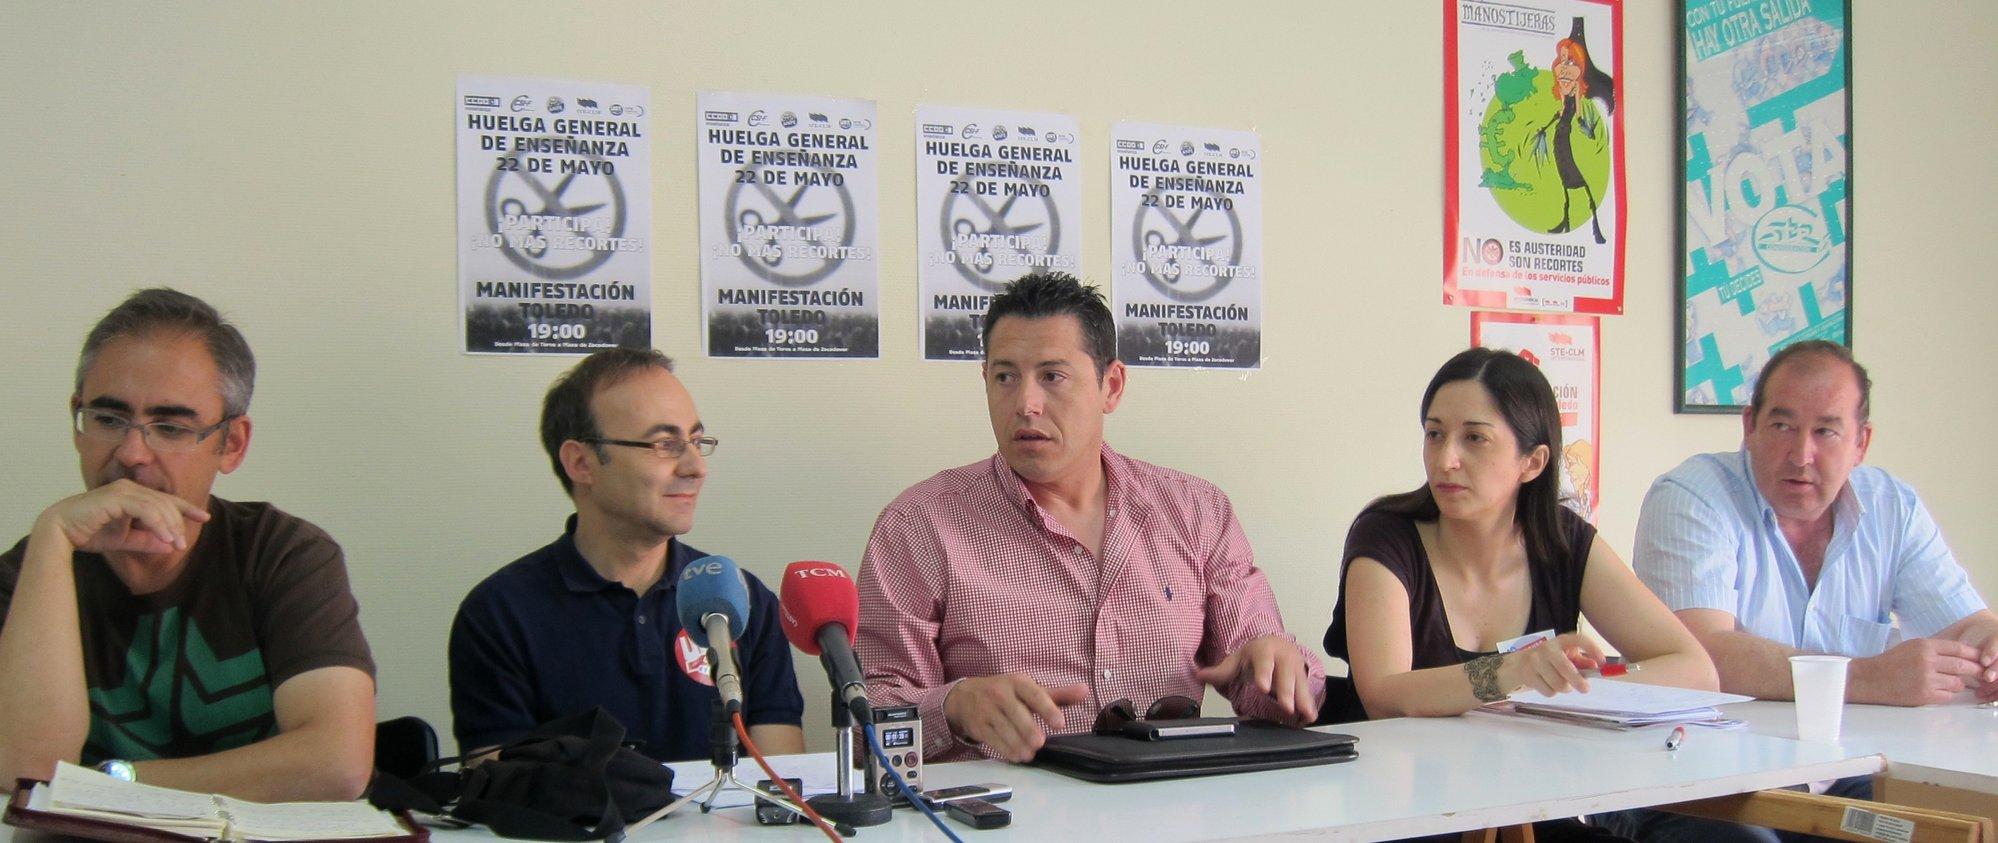 Sindicatos ven «despreciables» las justificaciones de la Junta para cerrar escuelas y piden estudios que las avalen